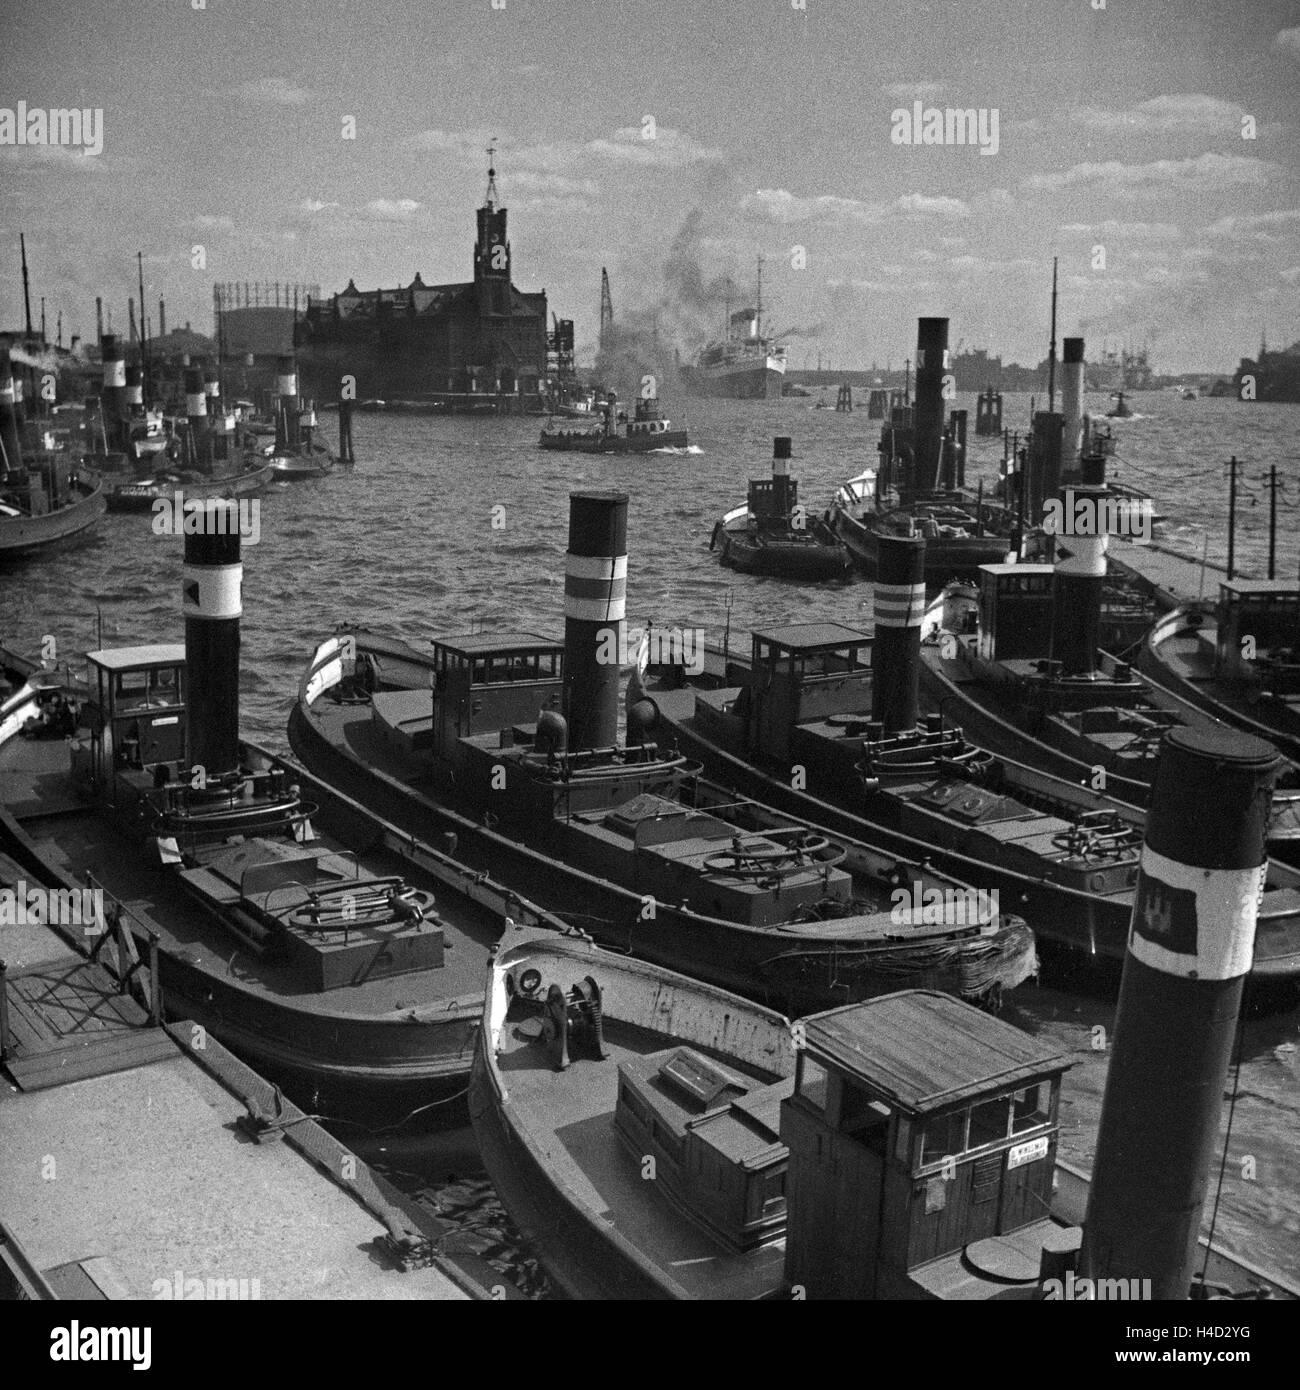 Schiffe im Hafen von Hamburg, Deutschland 1930er Jahre. Ships at Hamburg harbor, Germany 1930s. Stock Photo